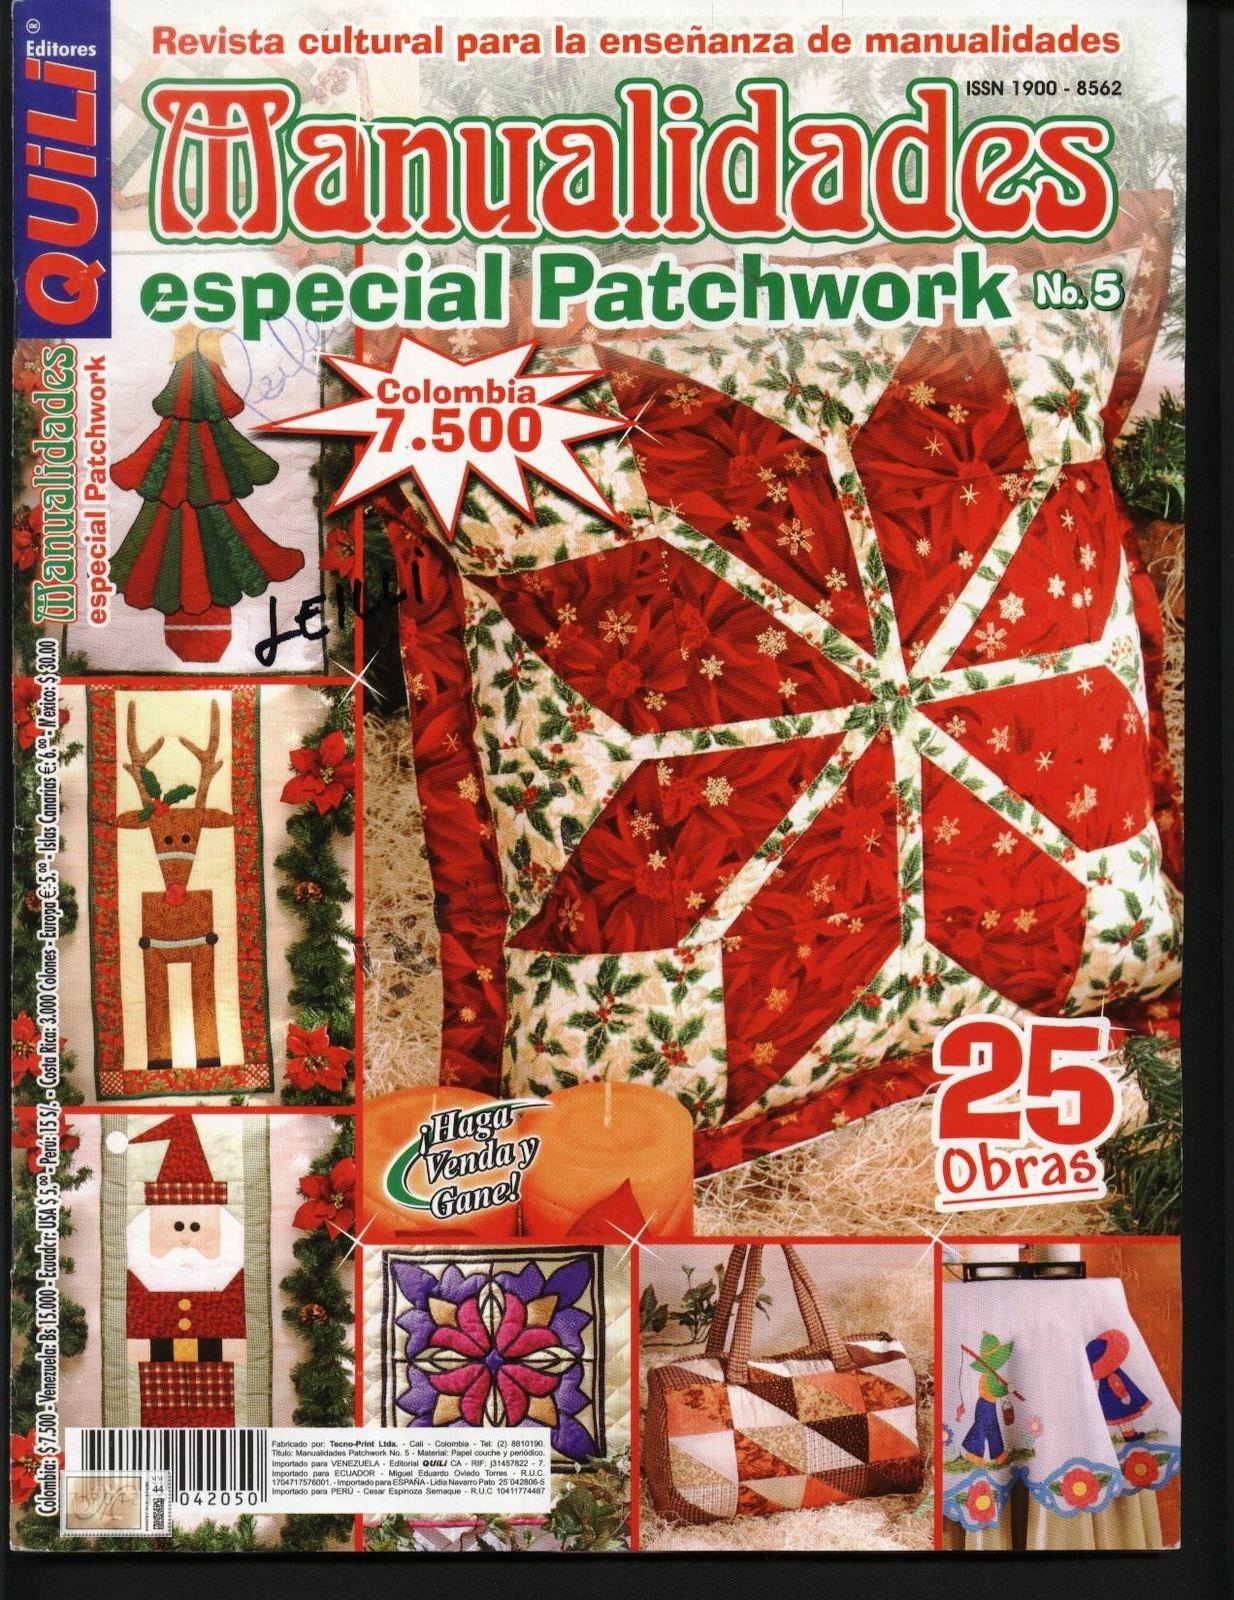 Manualidades Especial Patchwork Navidad